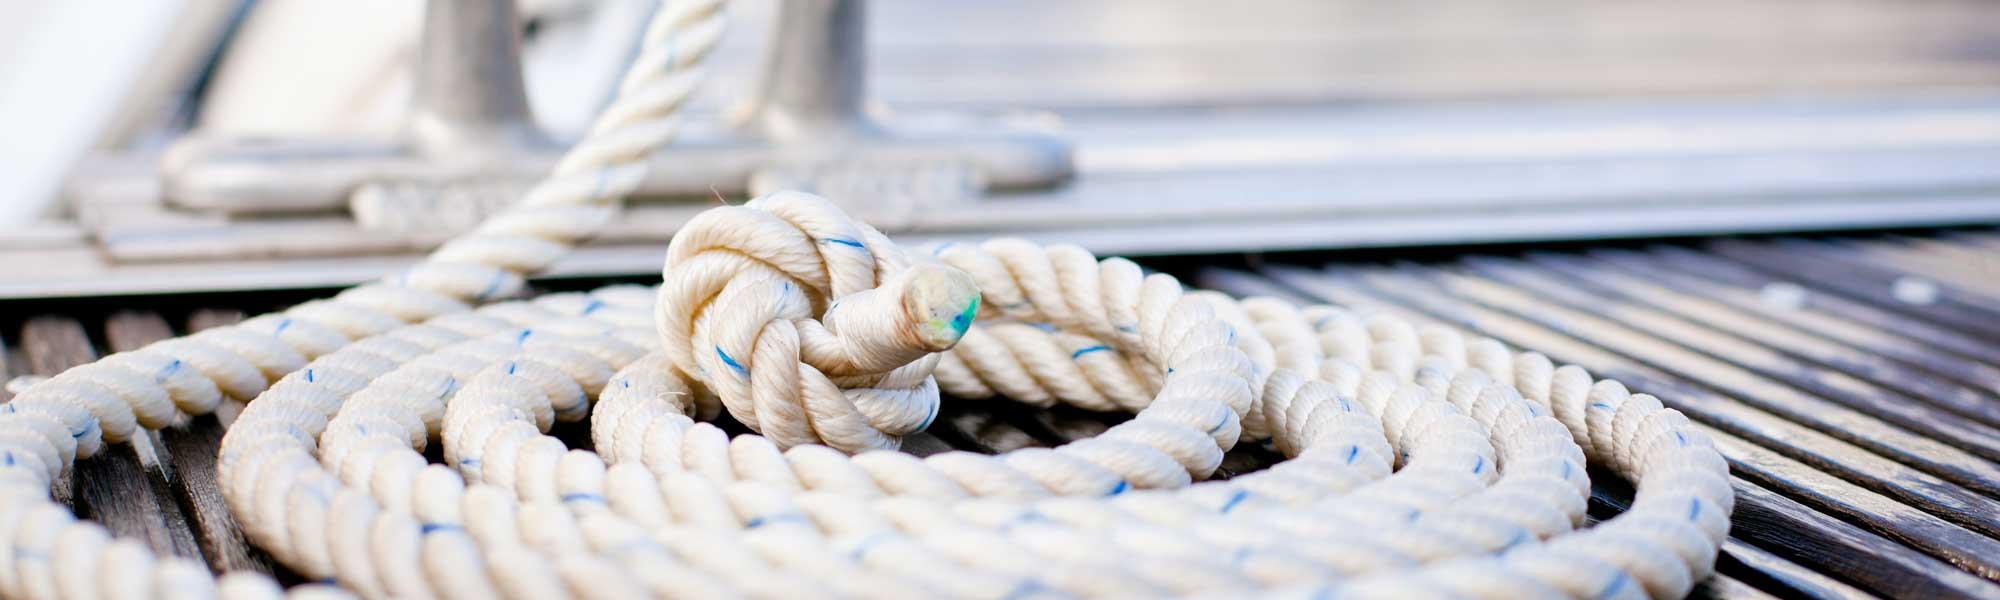 sail_83834581